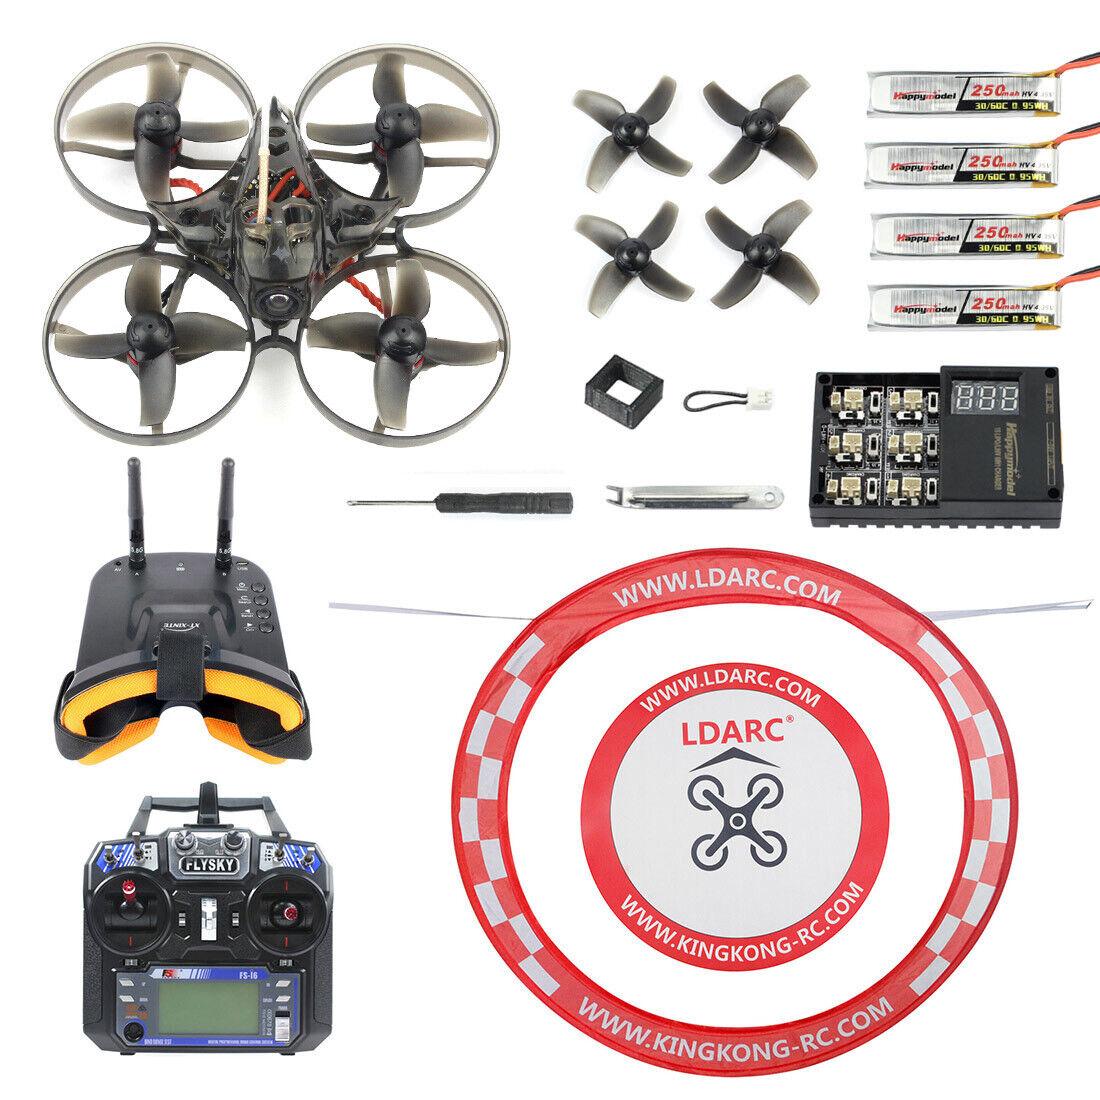 Happymodel Mobula7 V2Crazybee F3 Pro OSD 2S Whoop FPV Racing Drone Mobula 7